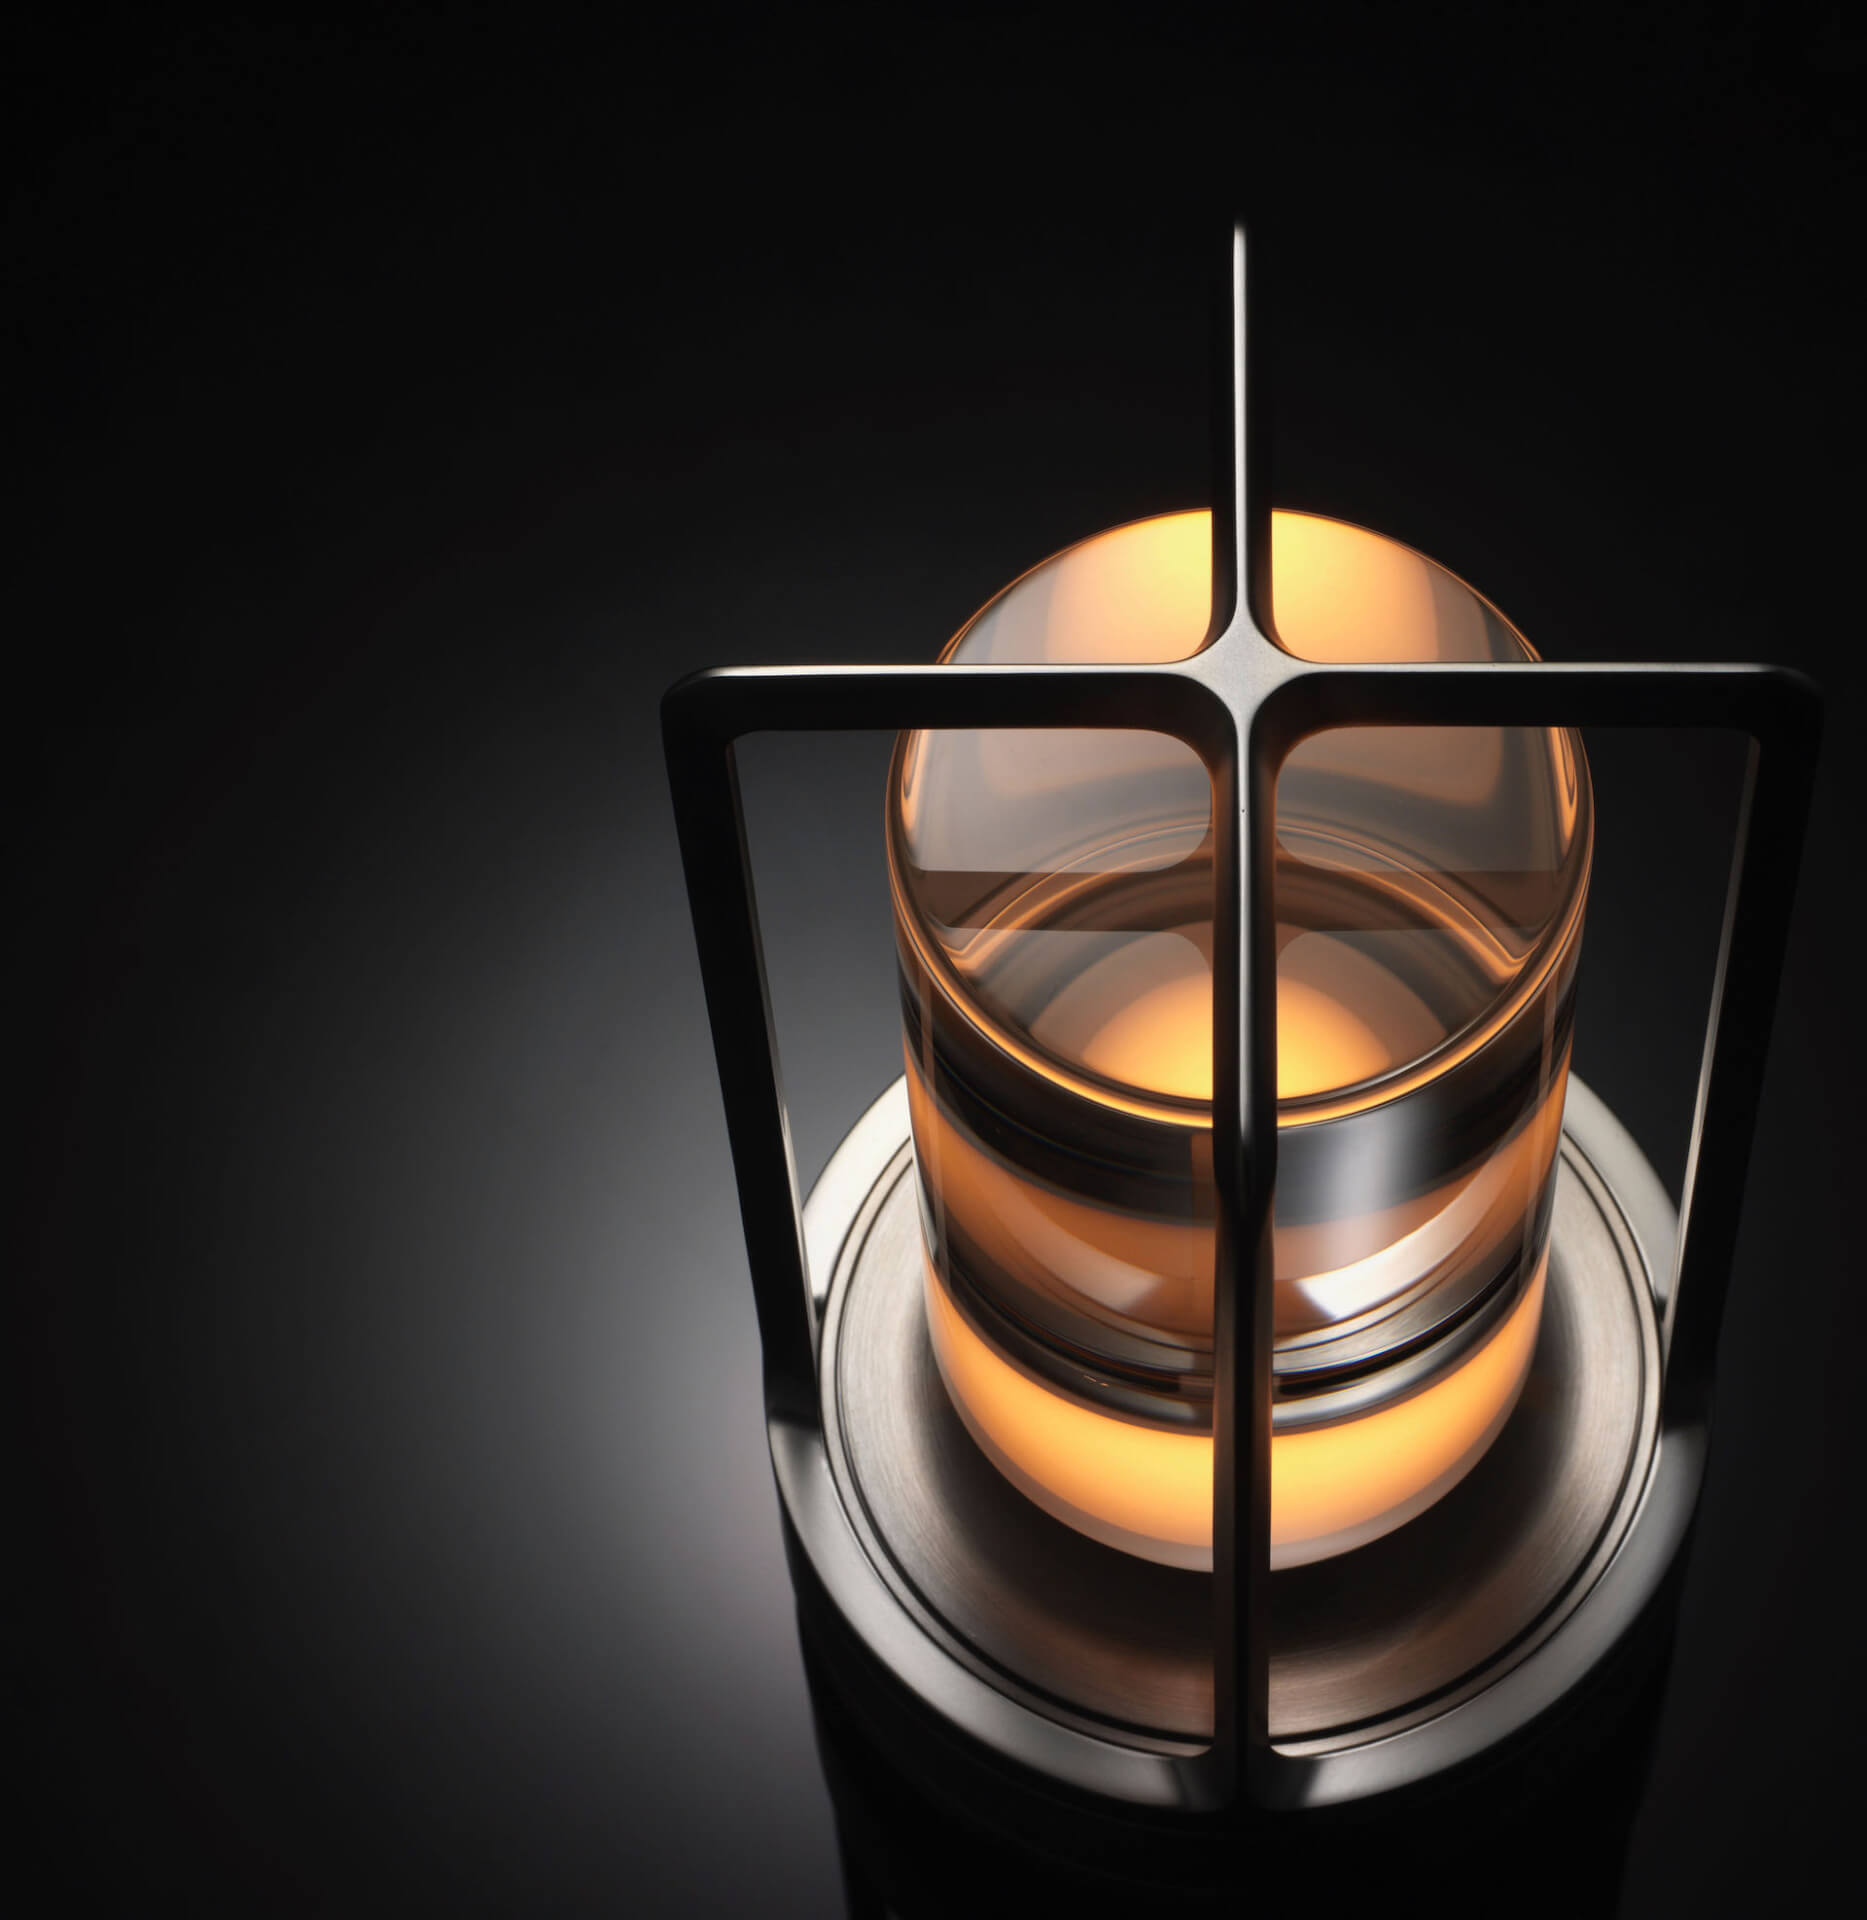 アンビエント照明「TURN+」が発売決定|ステンレス、真鍮、アルミブラックの3種 tech210407_turnplus_9